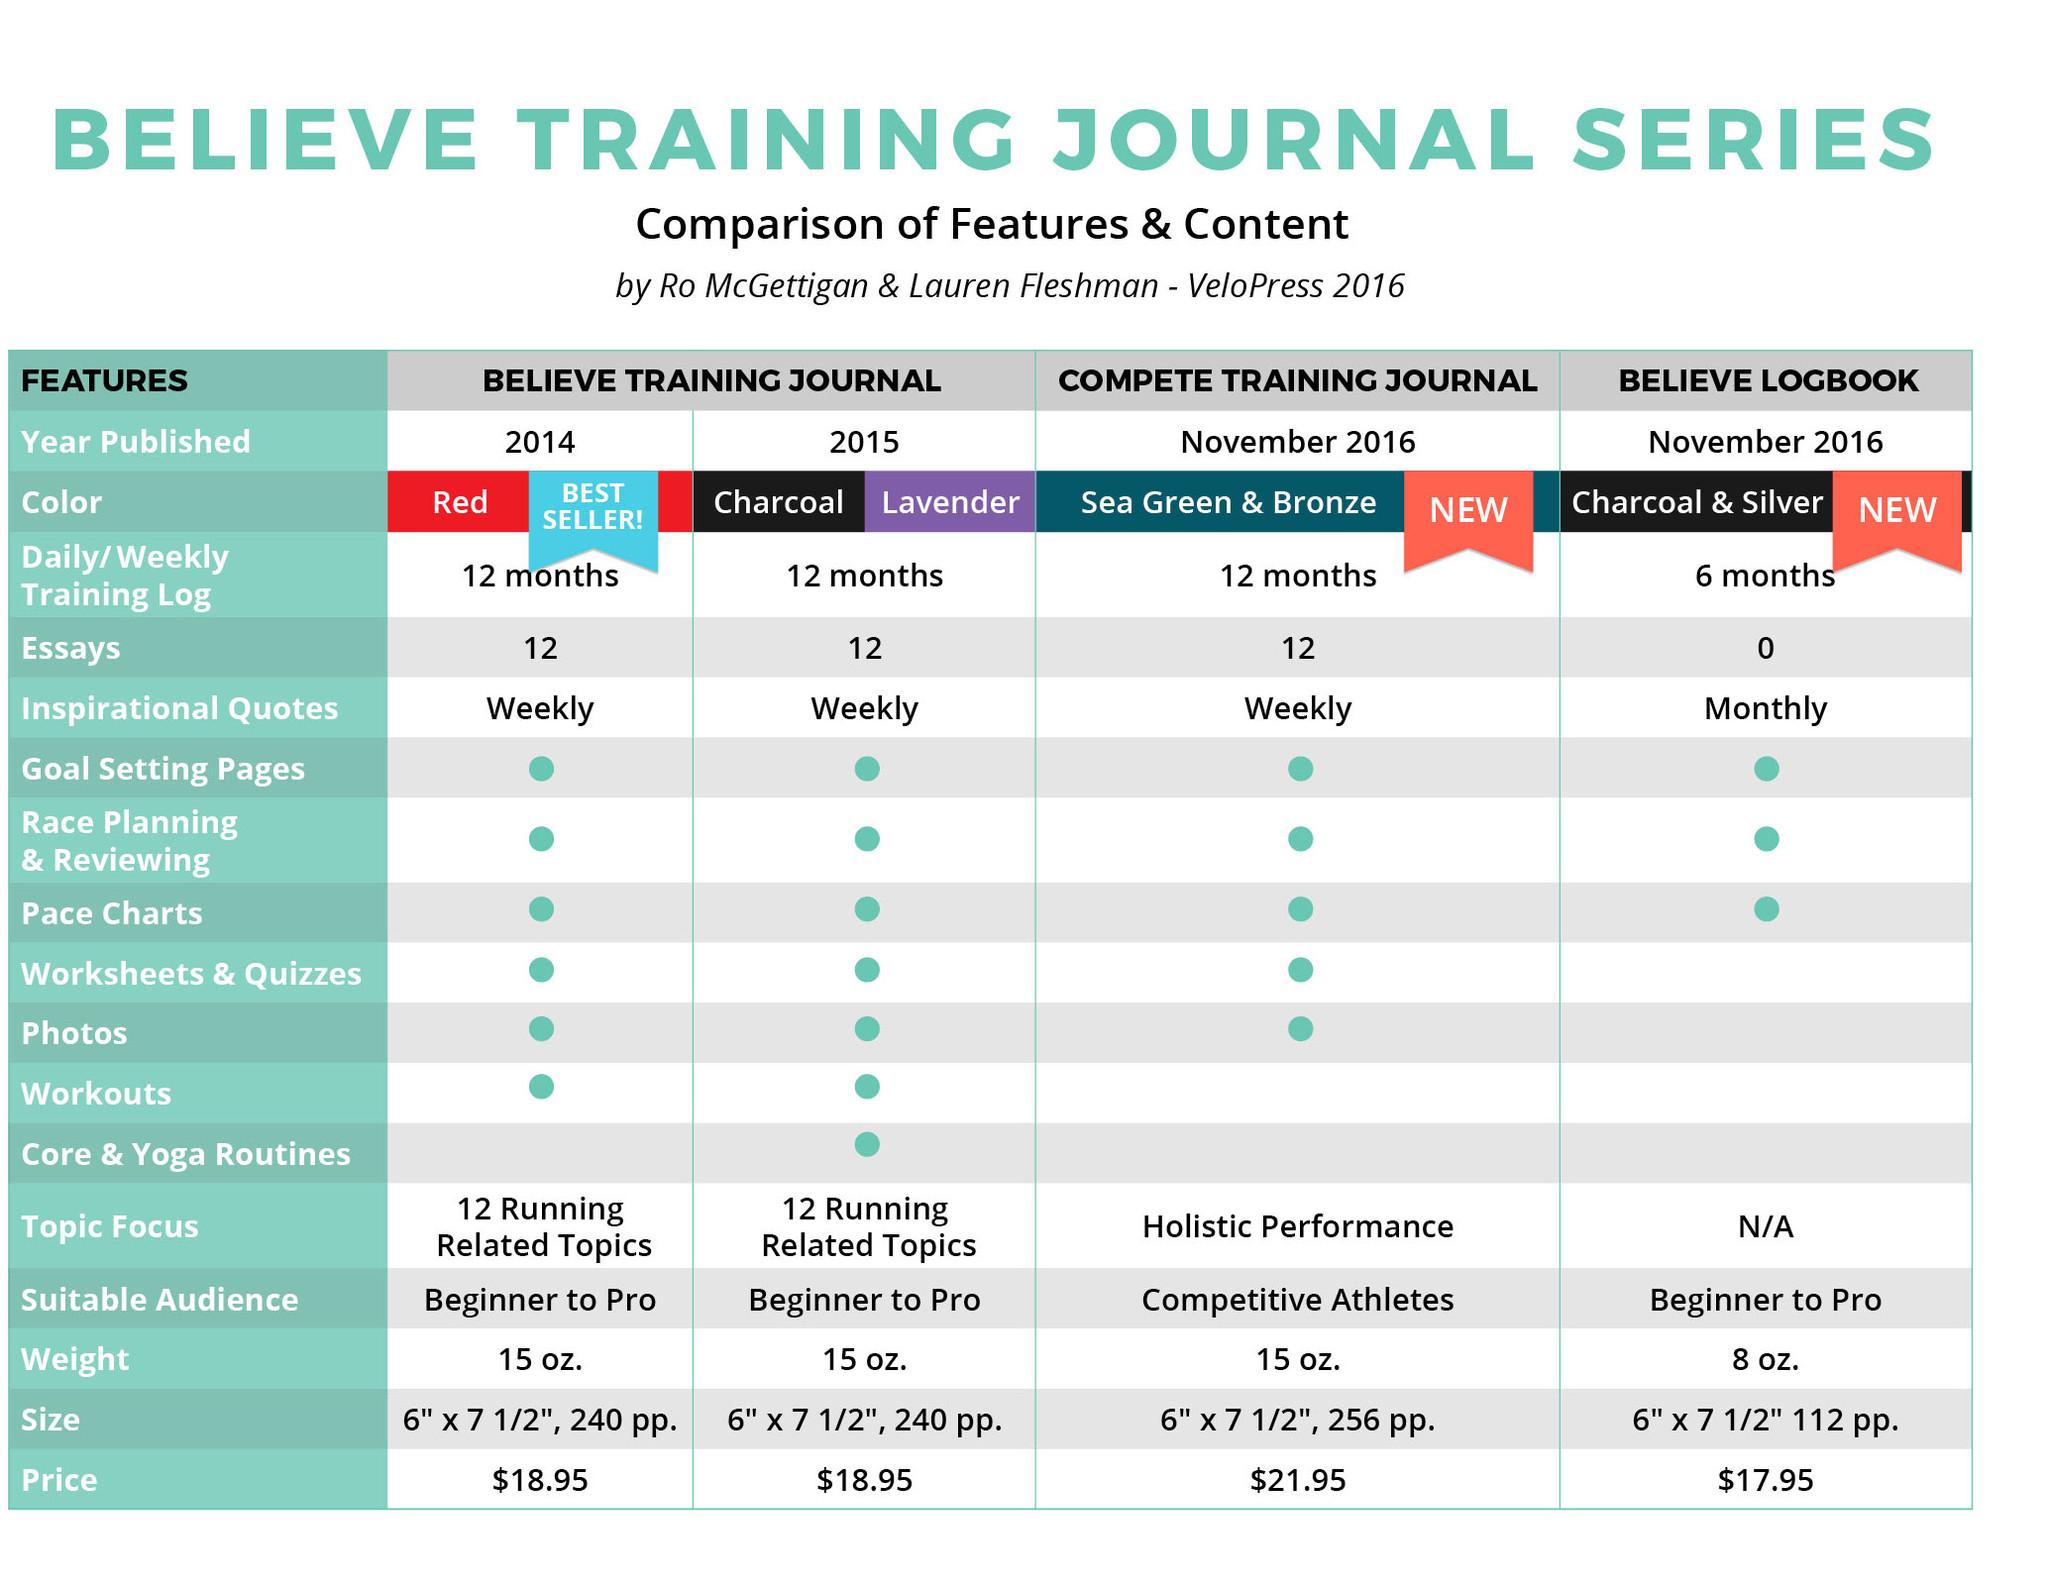 journalchart-2_f3de9eb9-7dc7-4c2f-8a44-fb652b85a0b0